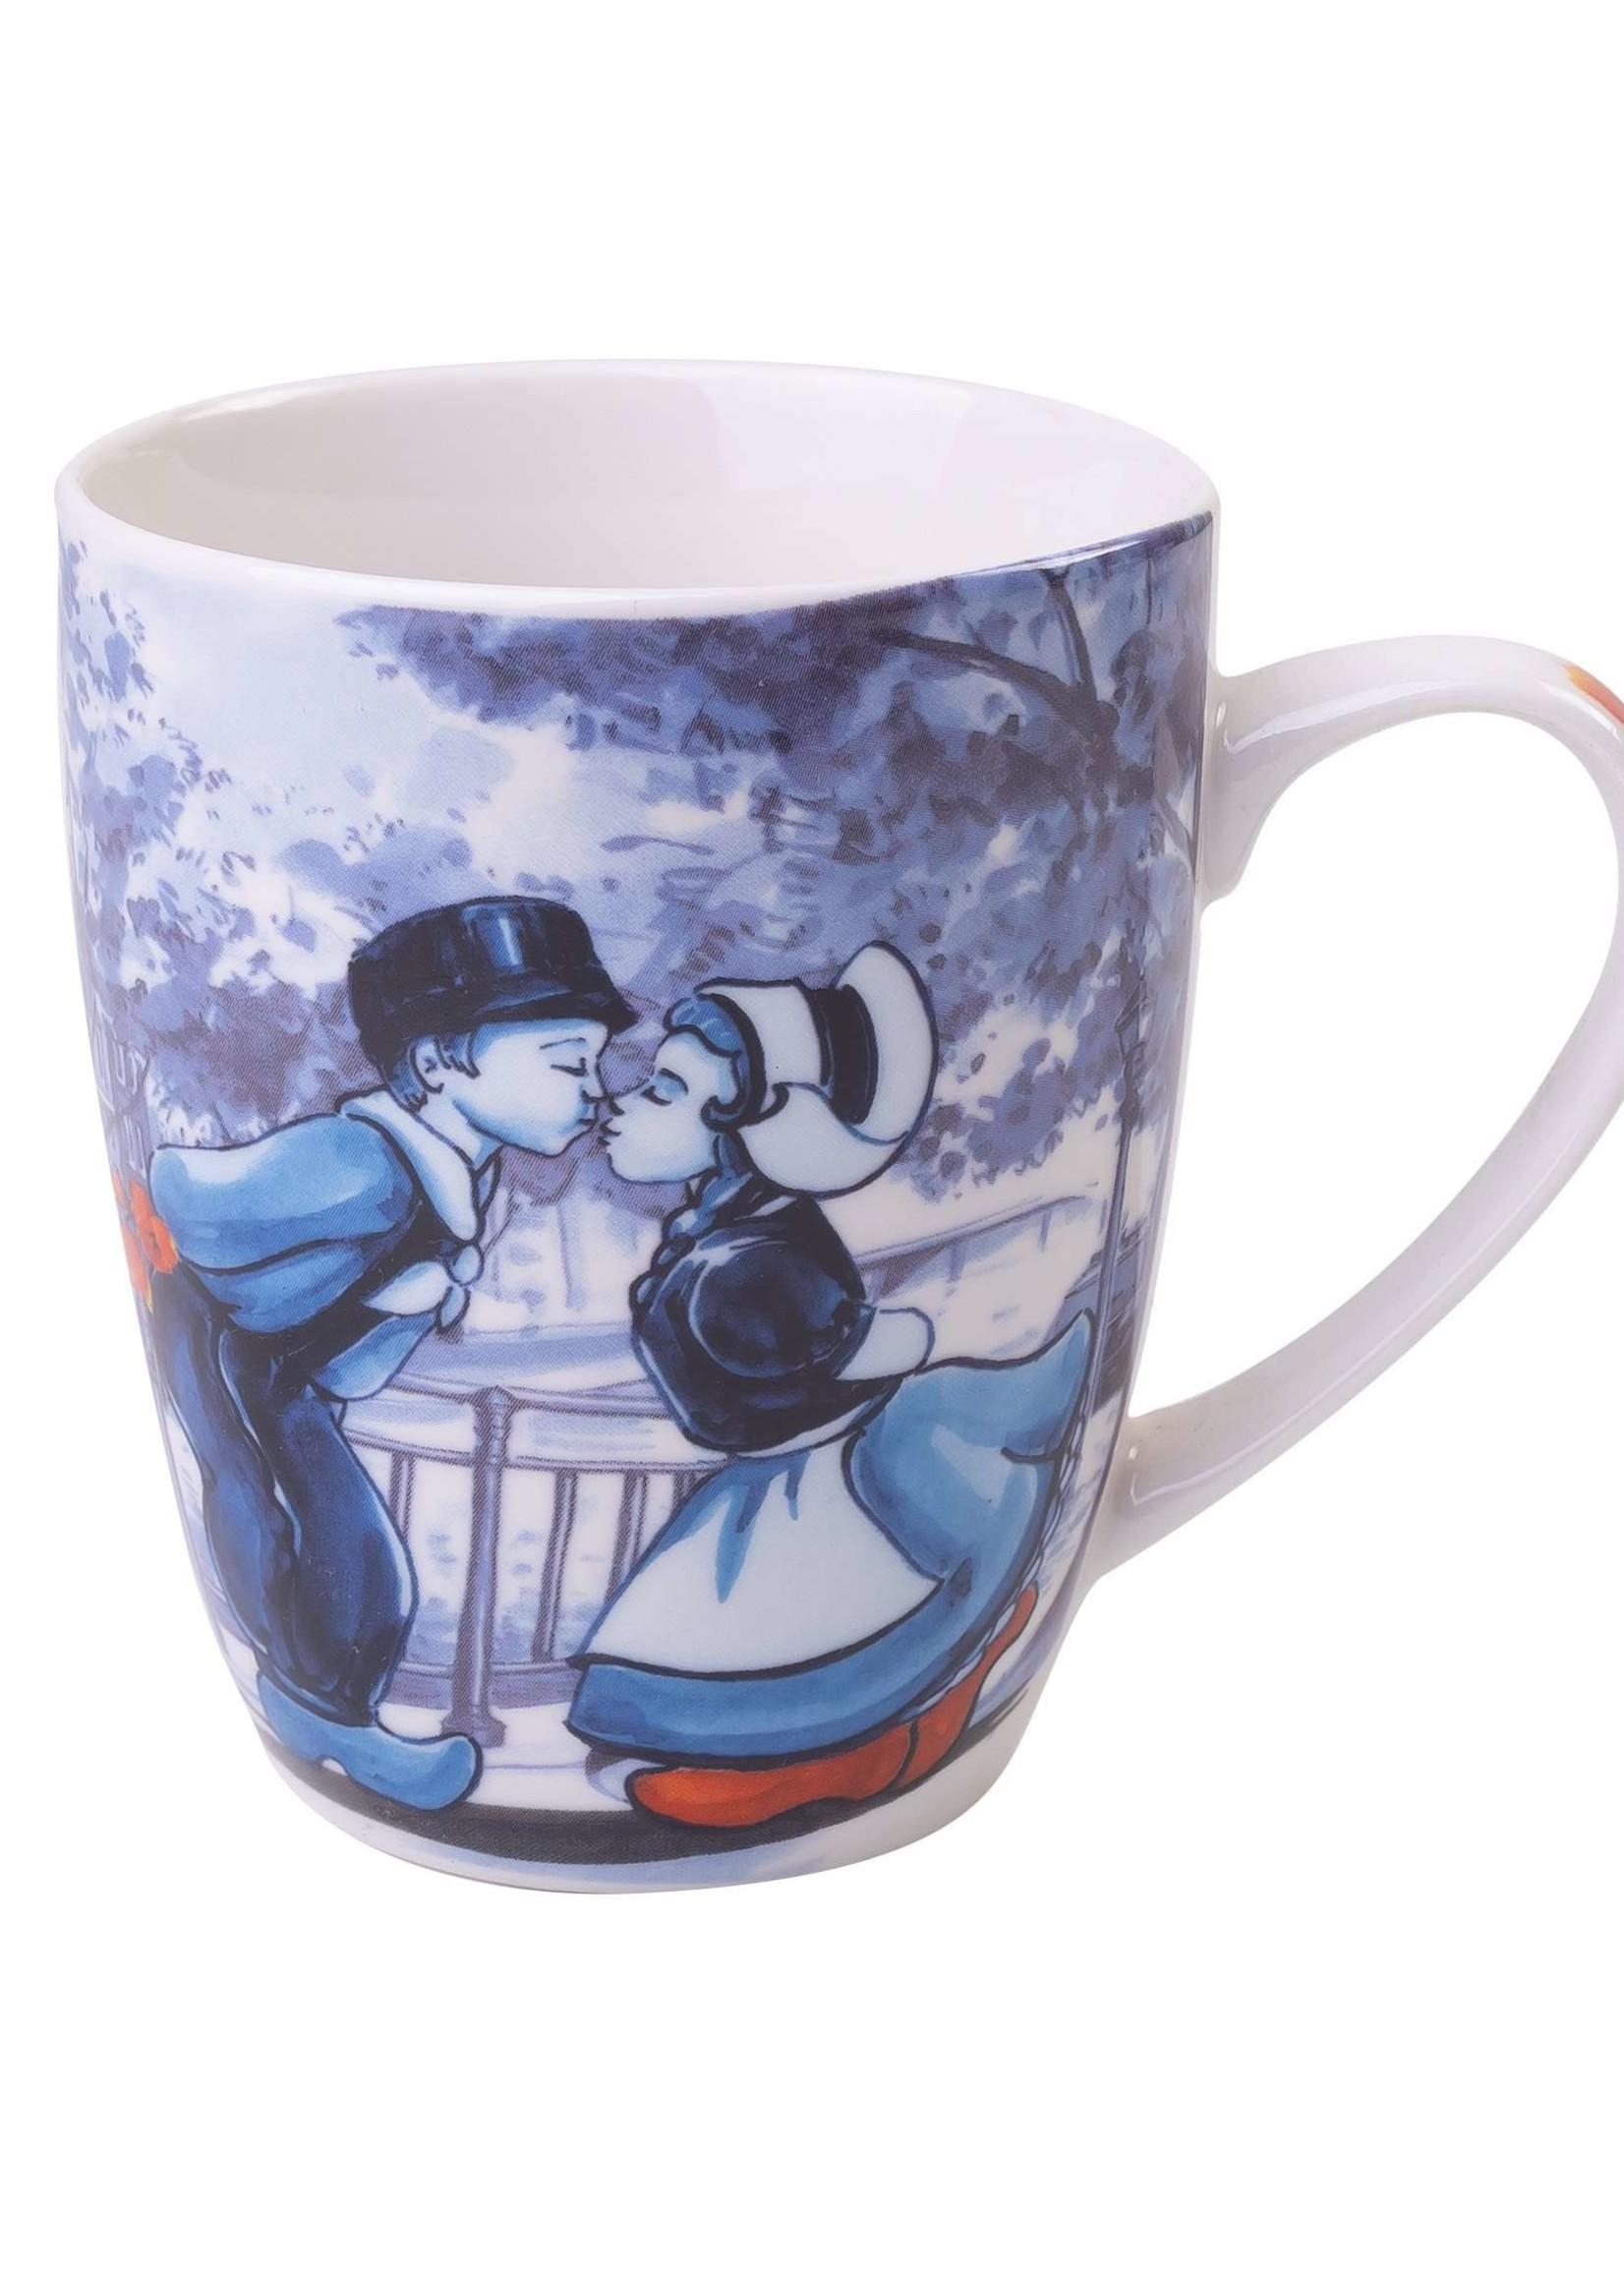 Heinen Delfts Blauw Delfts Blauwe Mok met een Hollands Kussend Paar, 300 ml